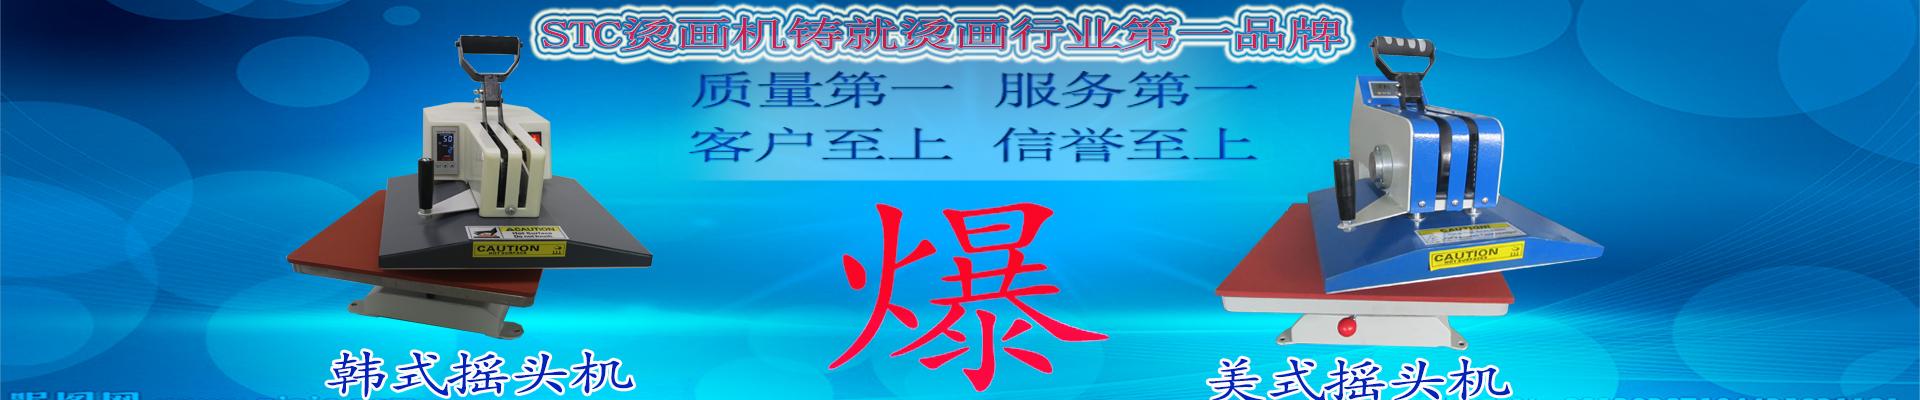 东莞市尚成机械设备有限公司